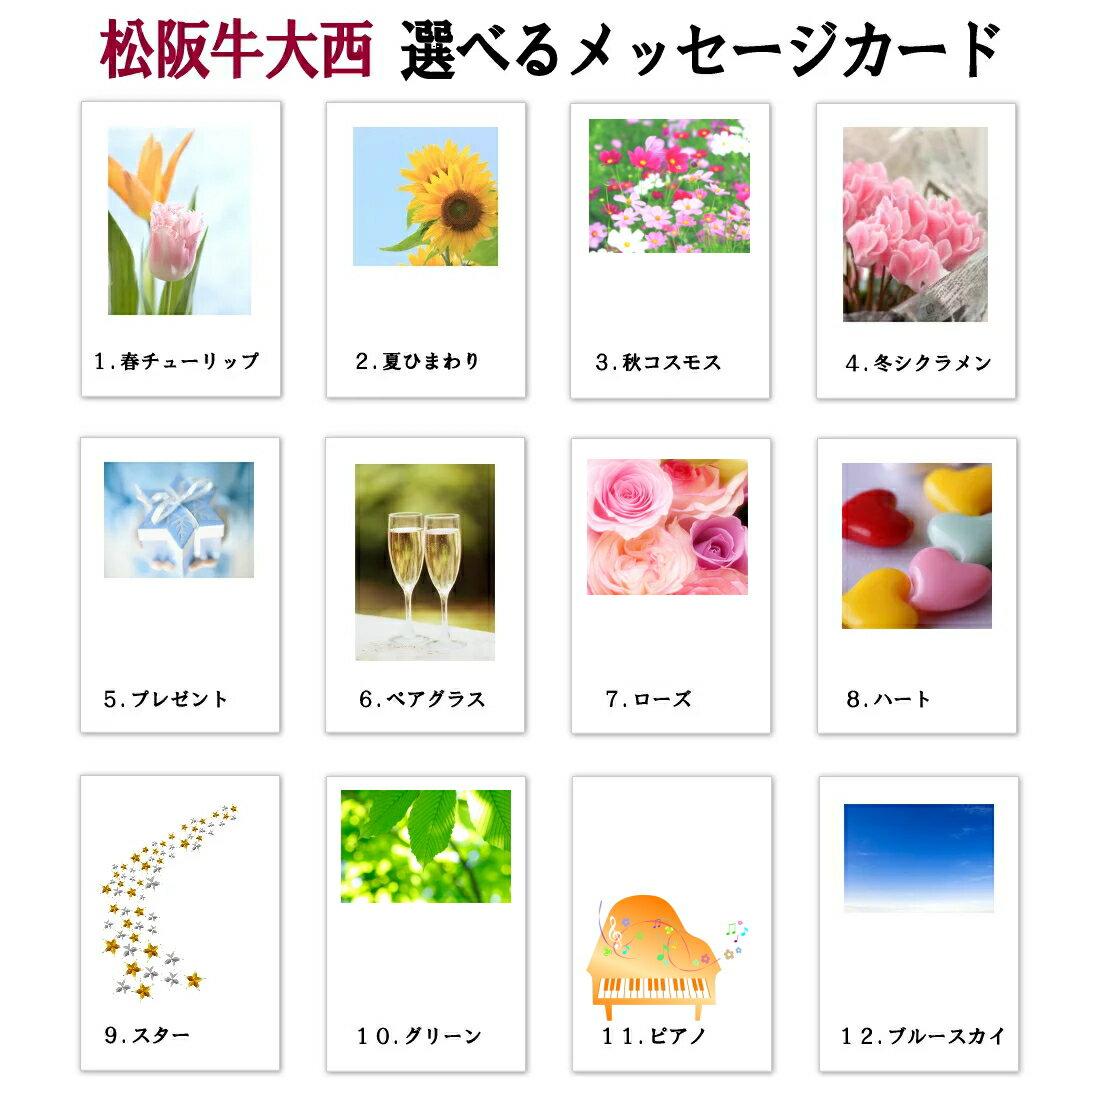 【送料無料】松阪牛サーロインステーキ【1枚約2...の紹介画像2